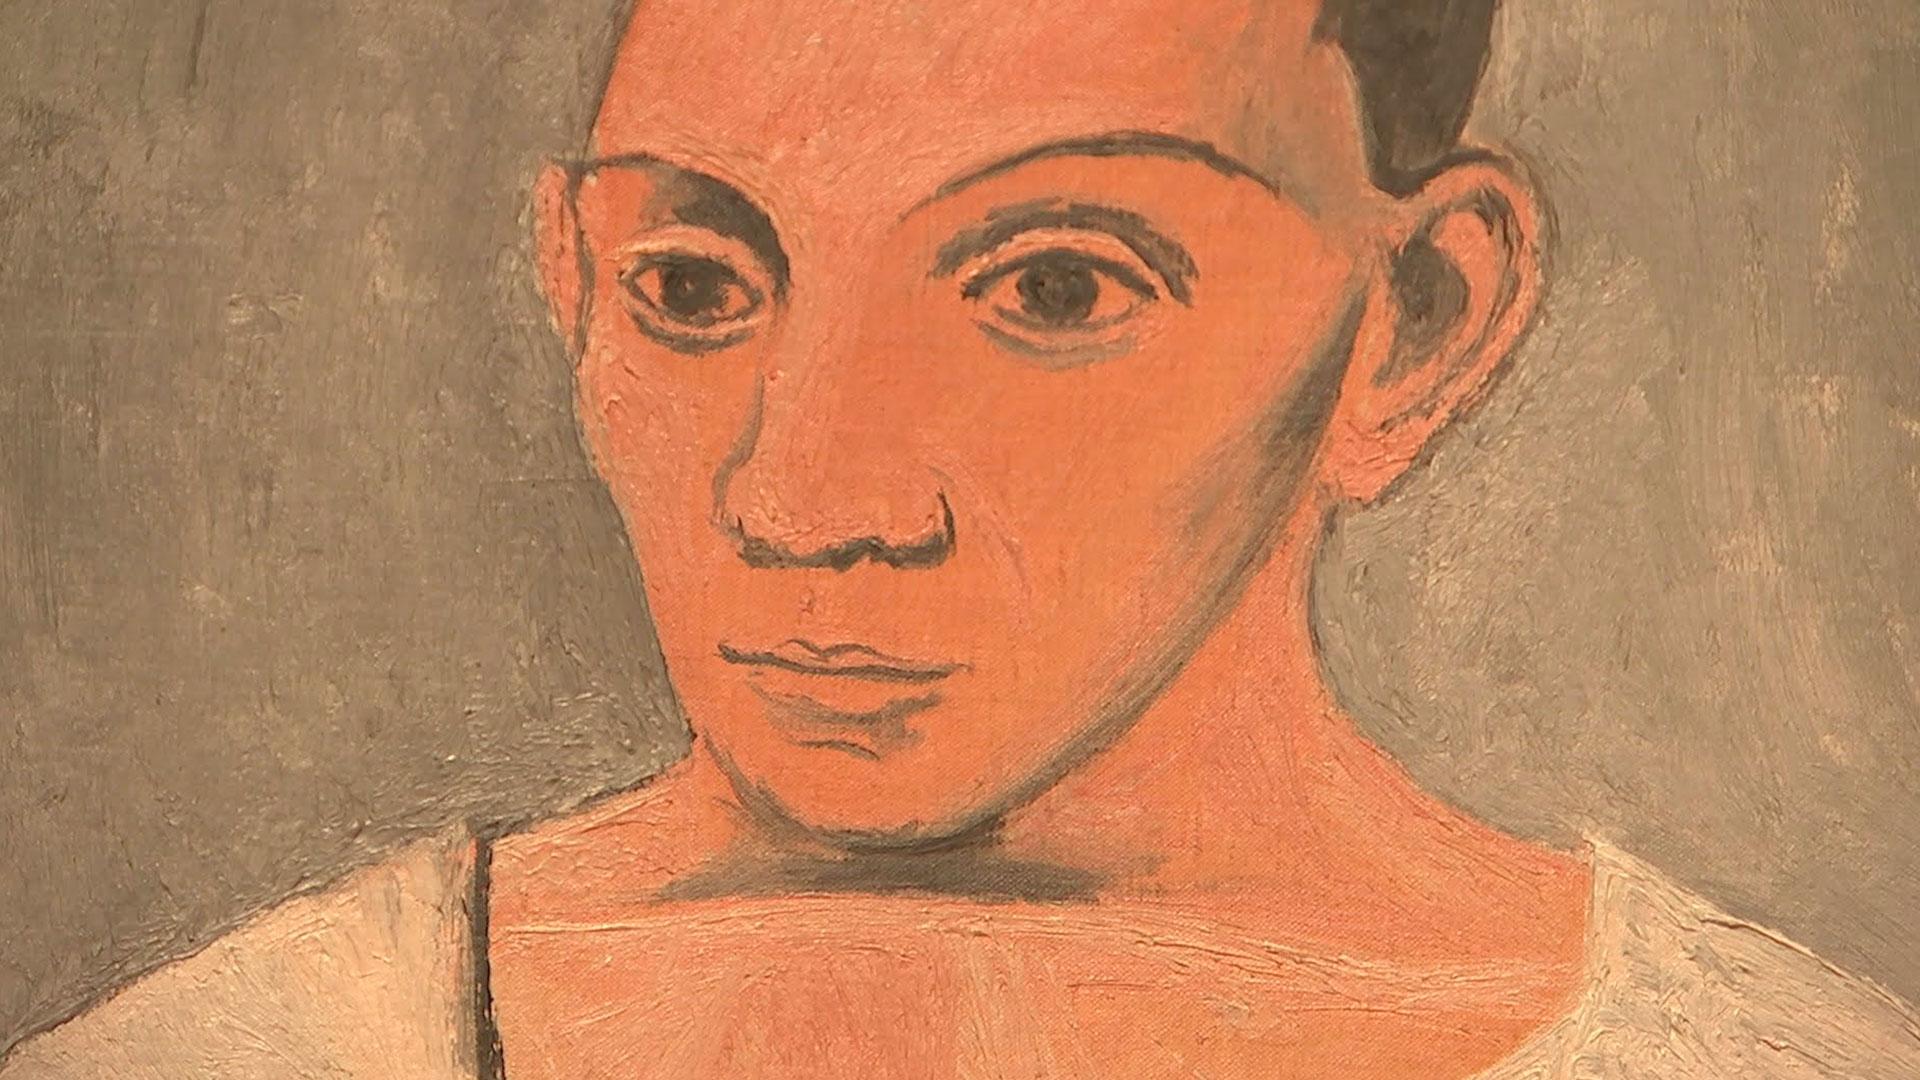 Picasso – Retratos hero asset